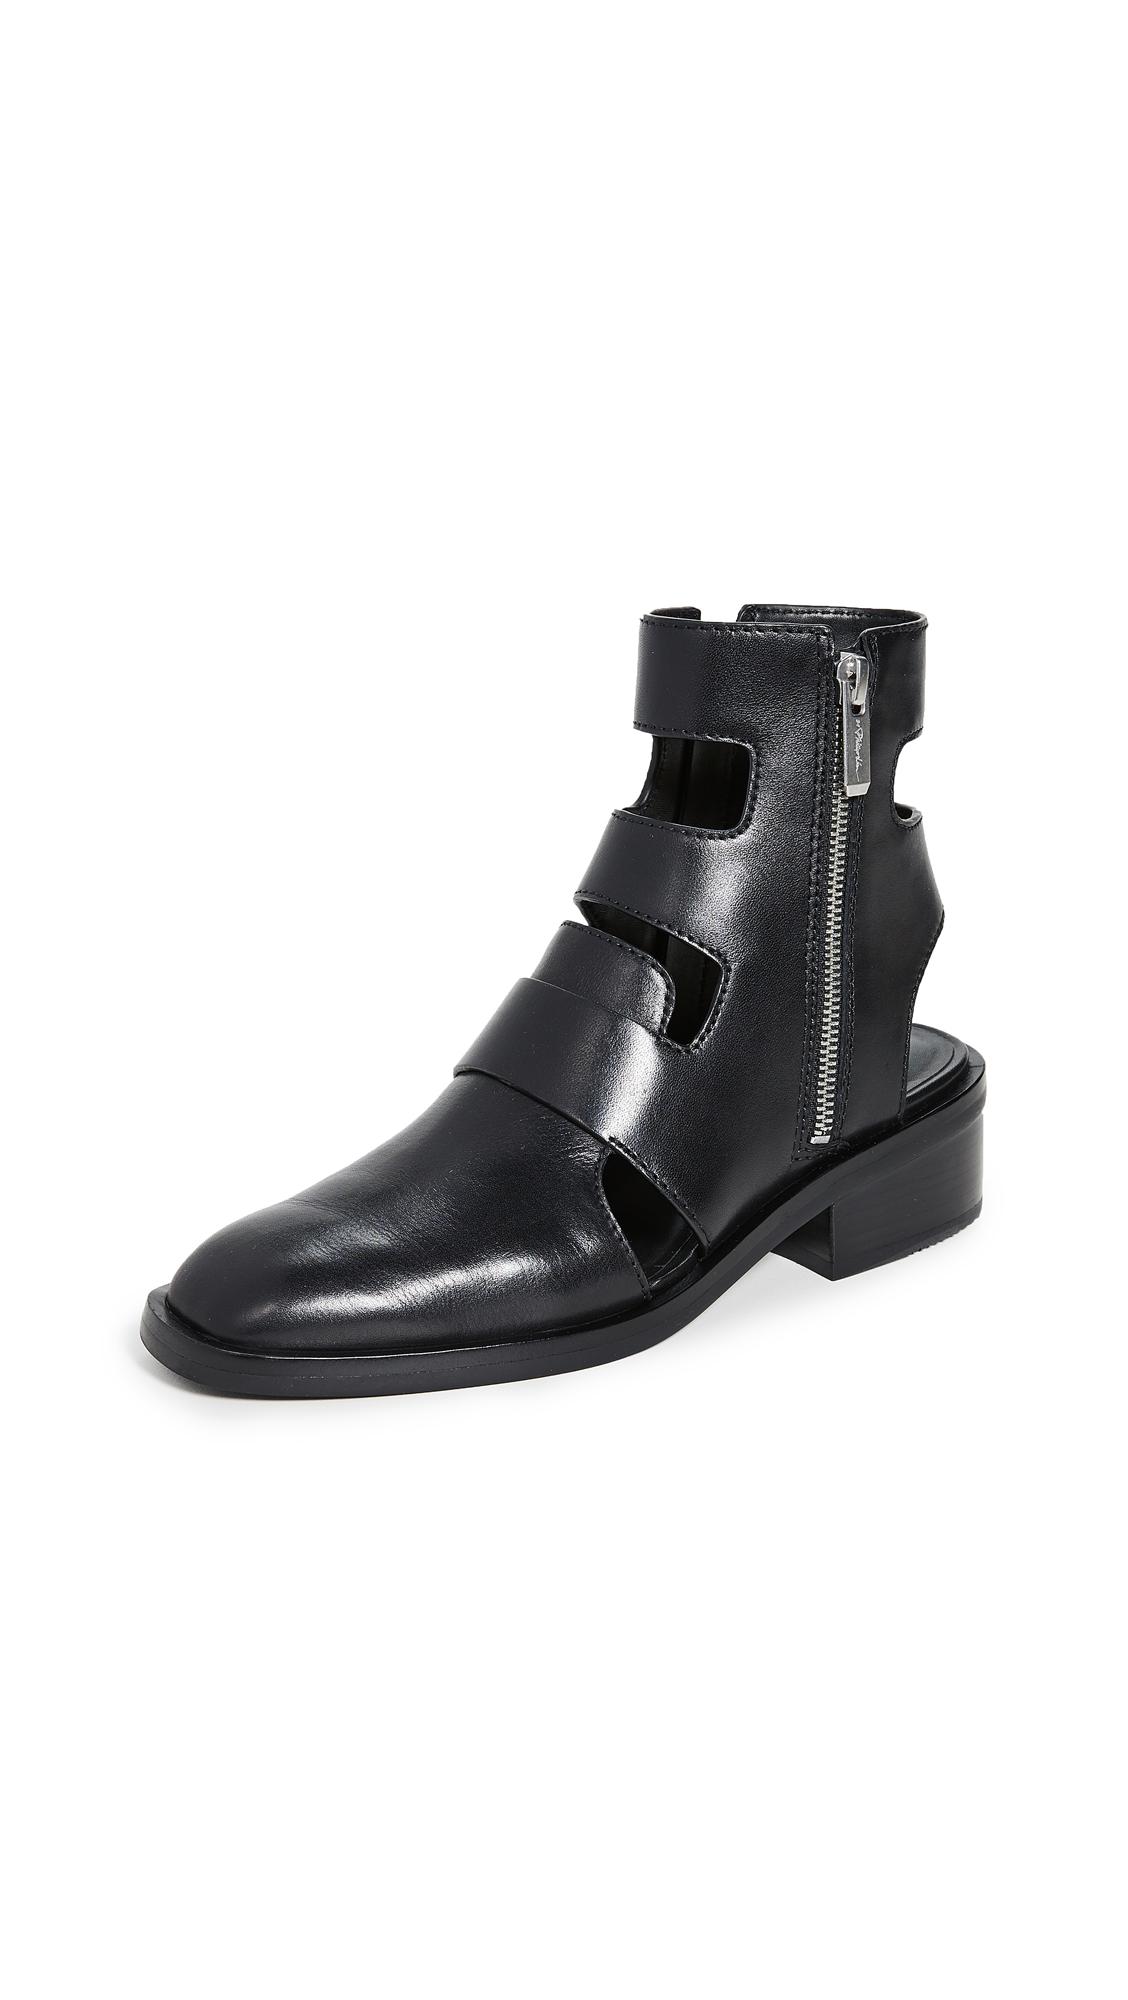 Buy 3.1 Phillip Lim Alexa 40mm Cutout Boots online, shop 3.1 Phillip Lim